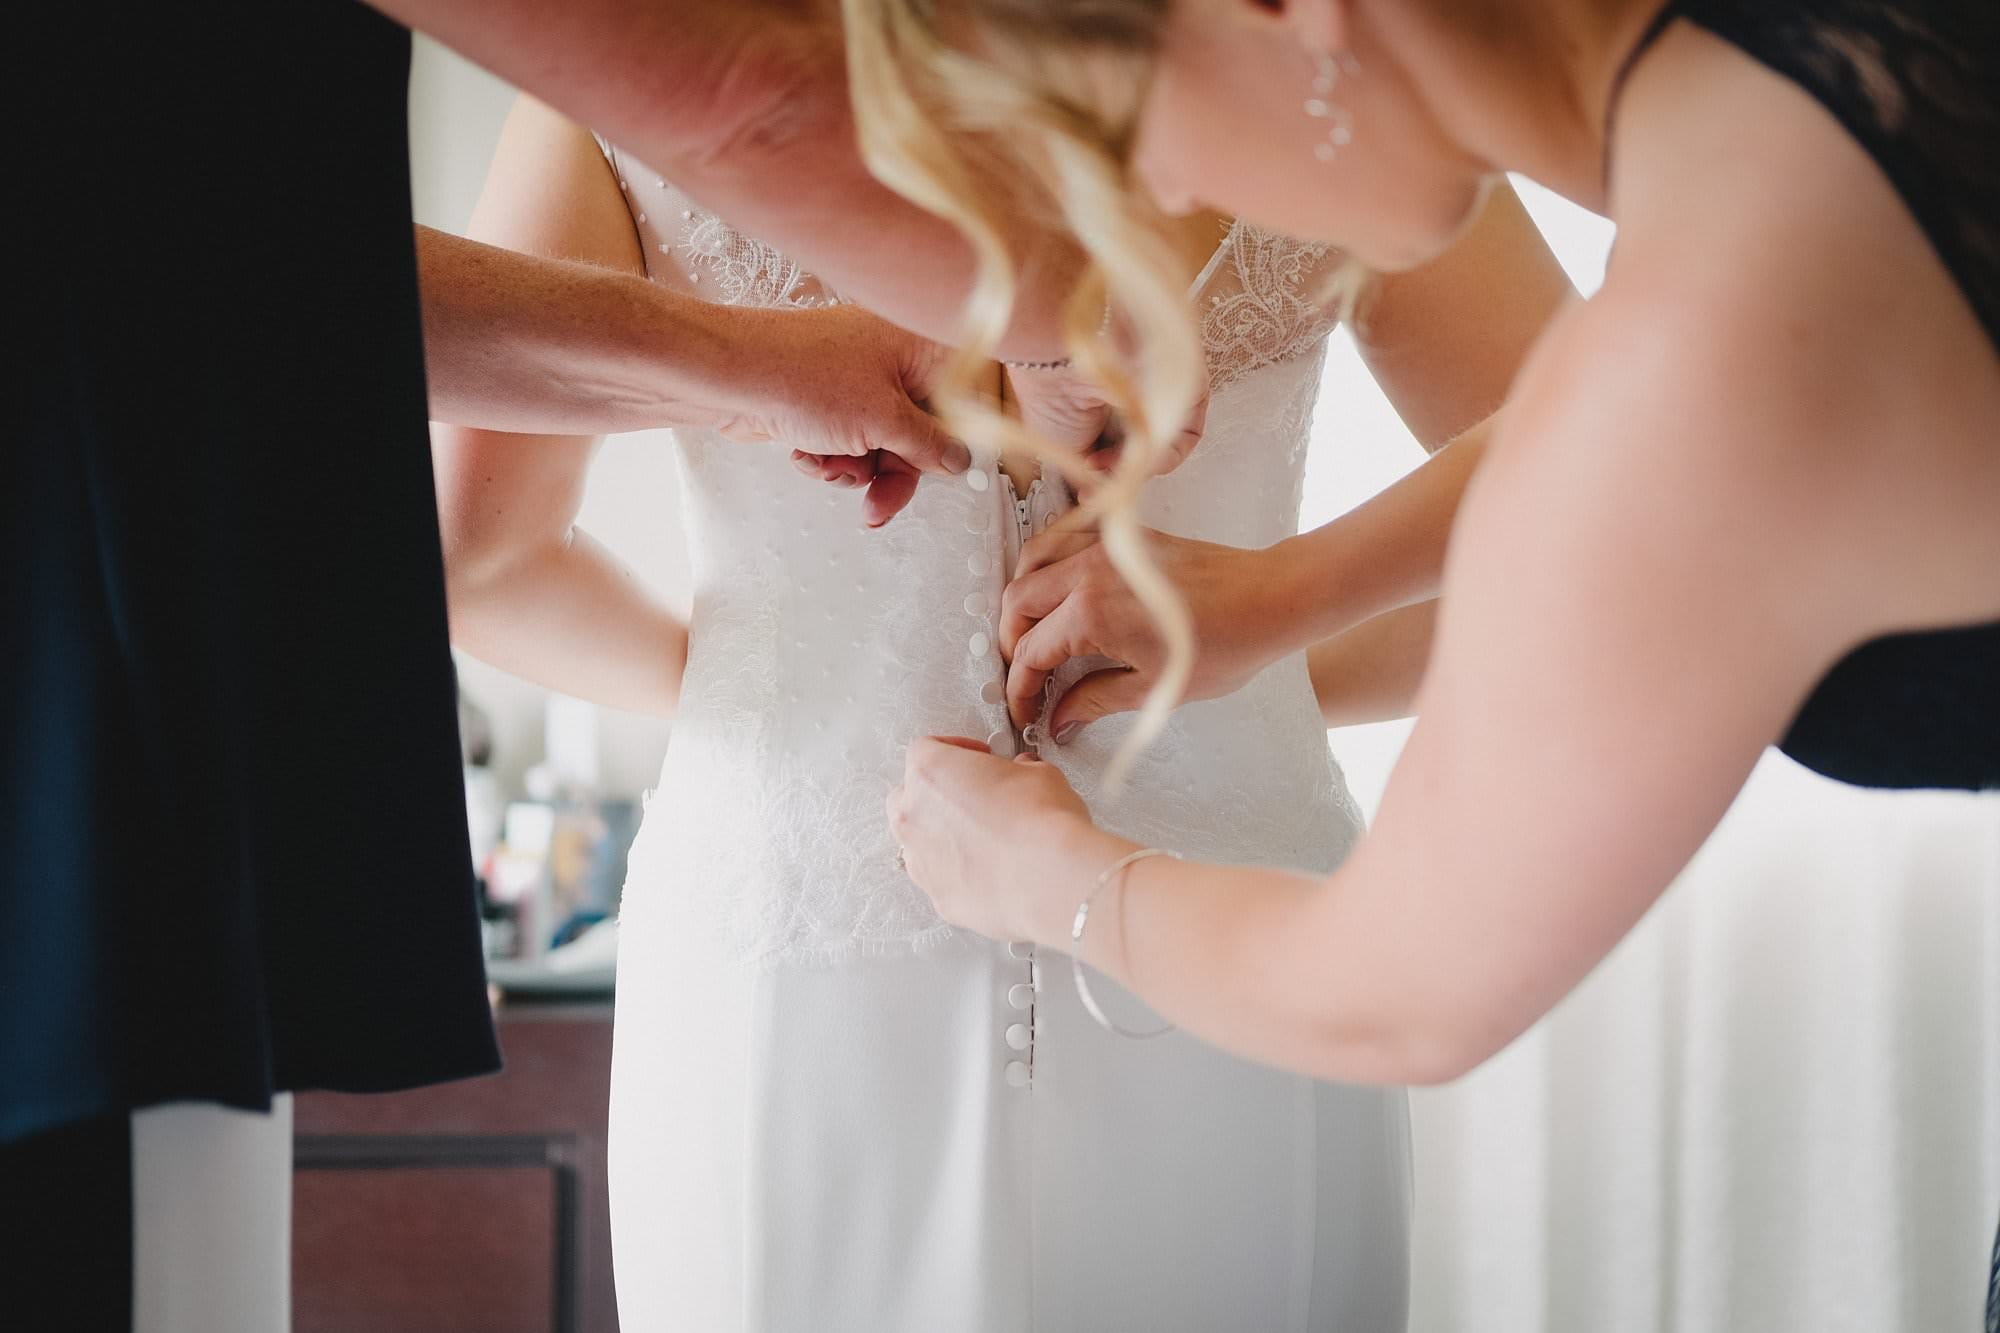 ashtead london wedding photographer 020 - Rachel & Jonny's Ashtead Wedding